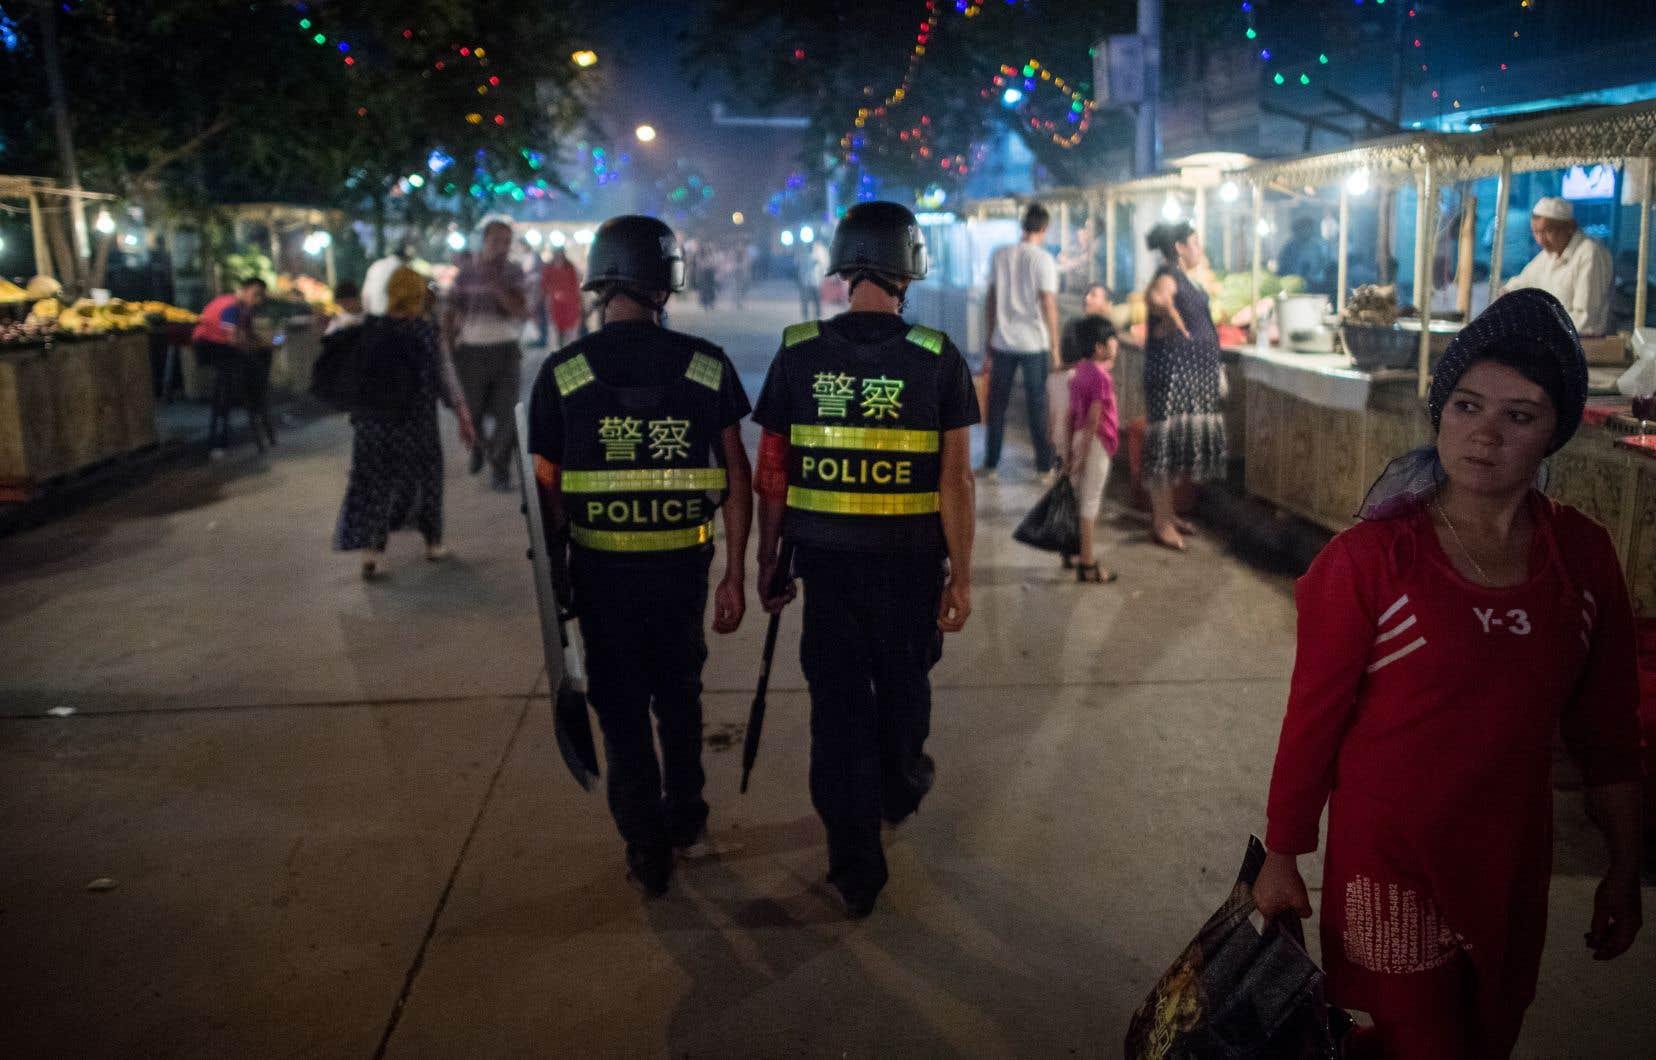 Des policierspatrouillent dans un marché de nuit près de la mosquée Id Kah à Kashgar, dans la région autonome ouïgoure du Xinjiang, en Chine.